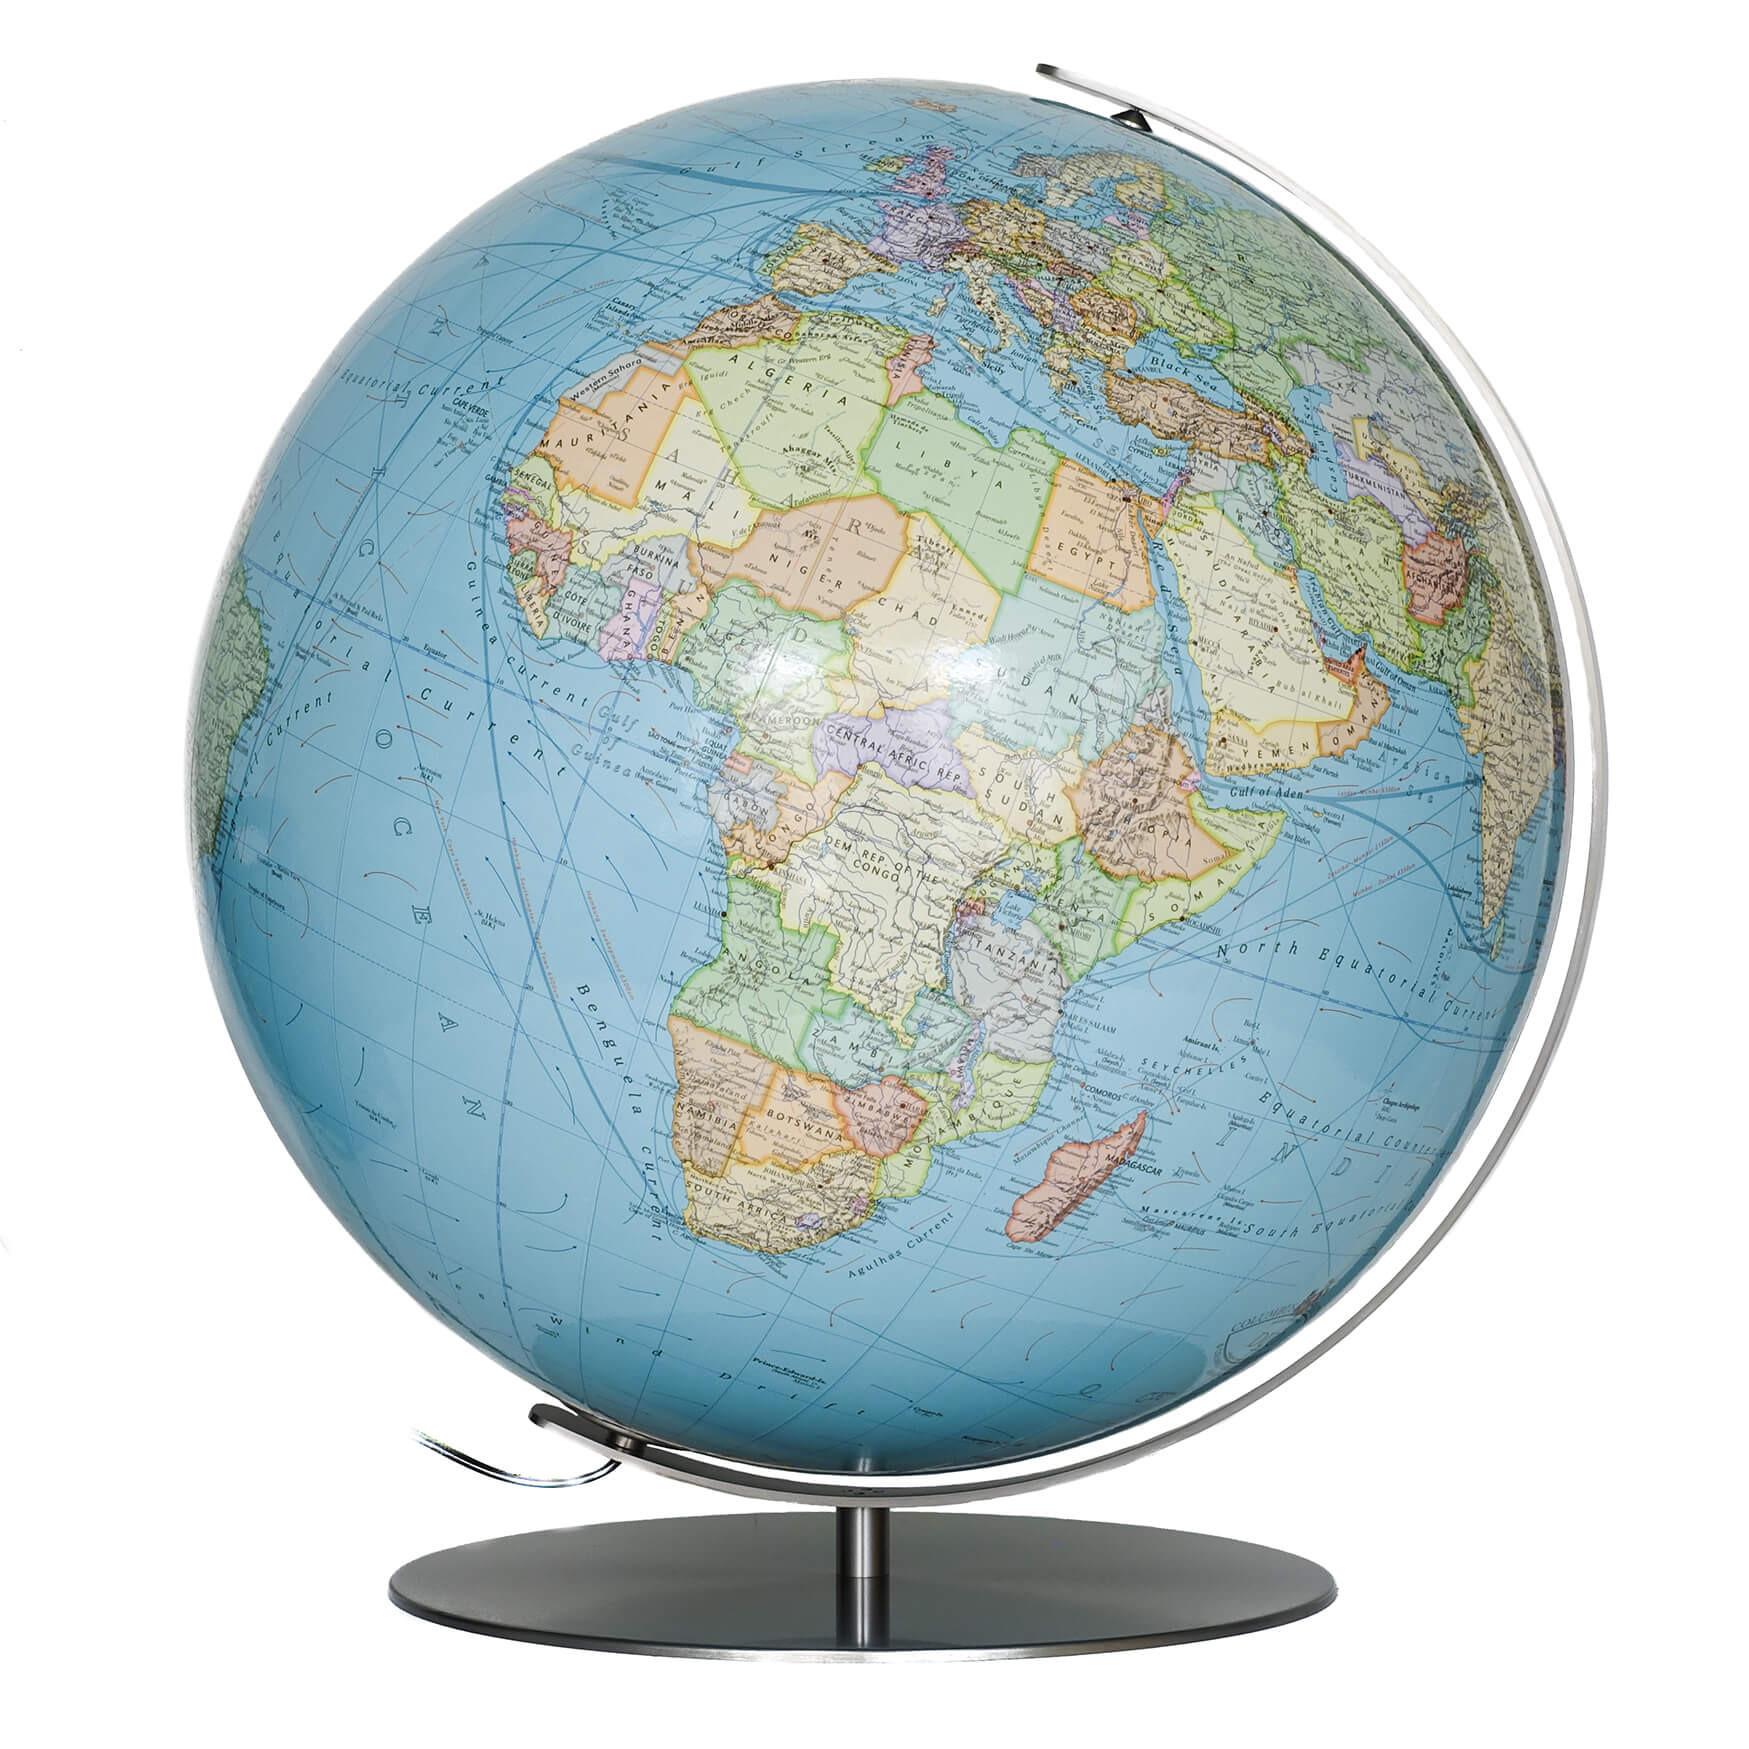 Forbes Illuminated Large Desk Globe